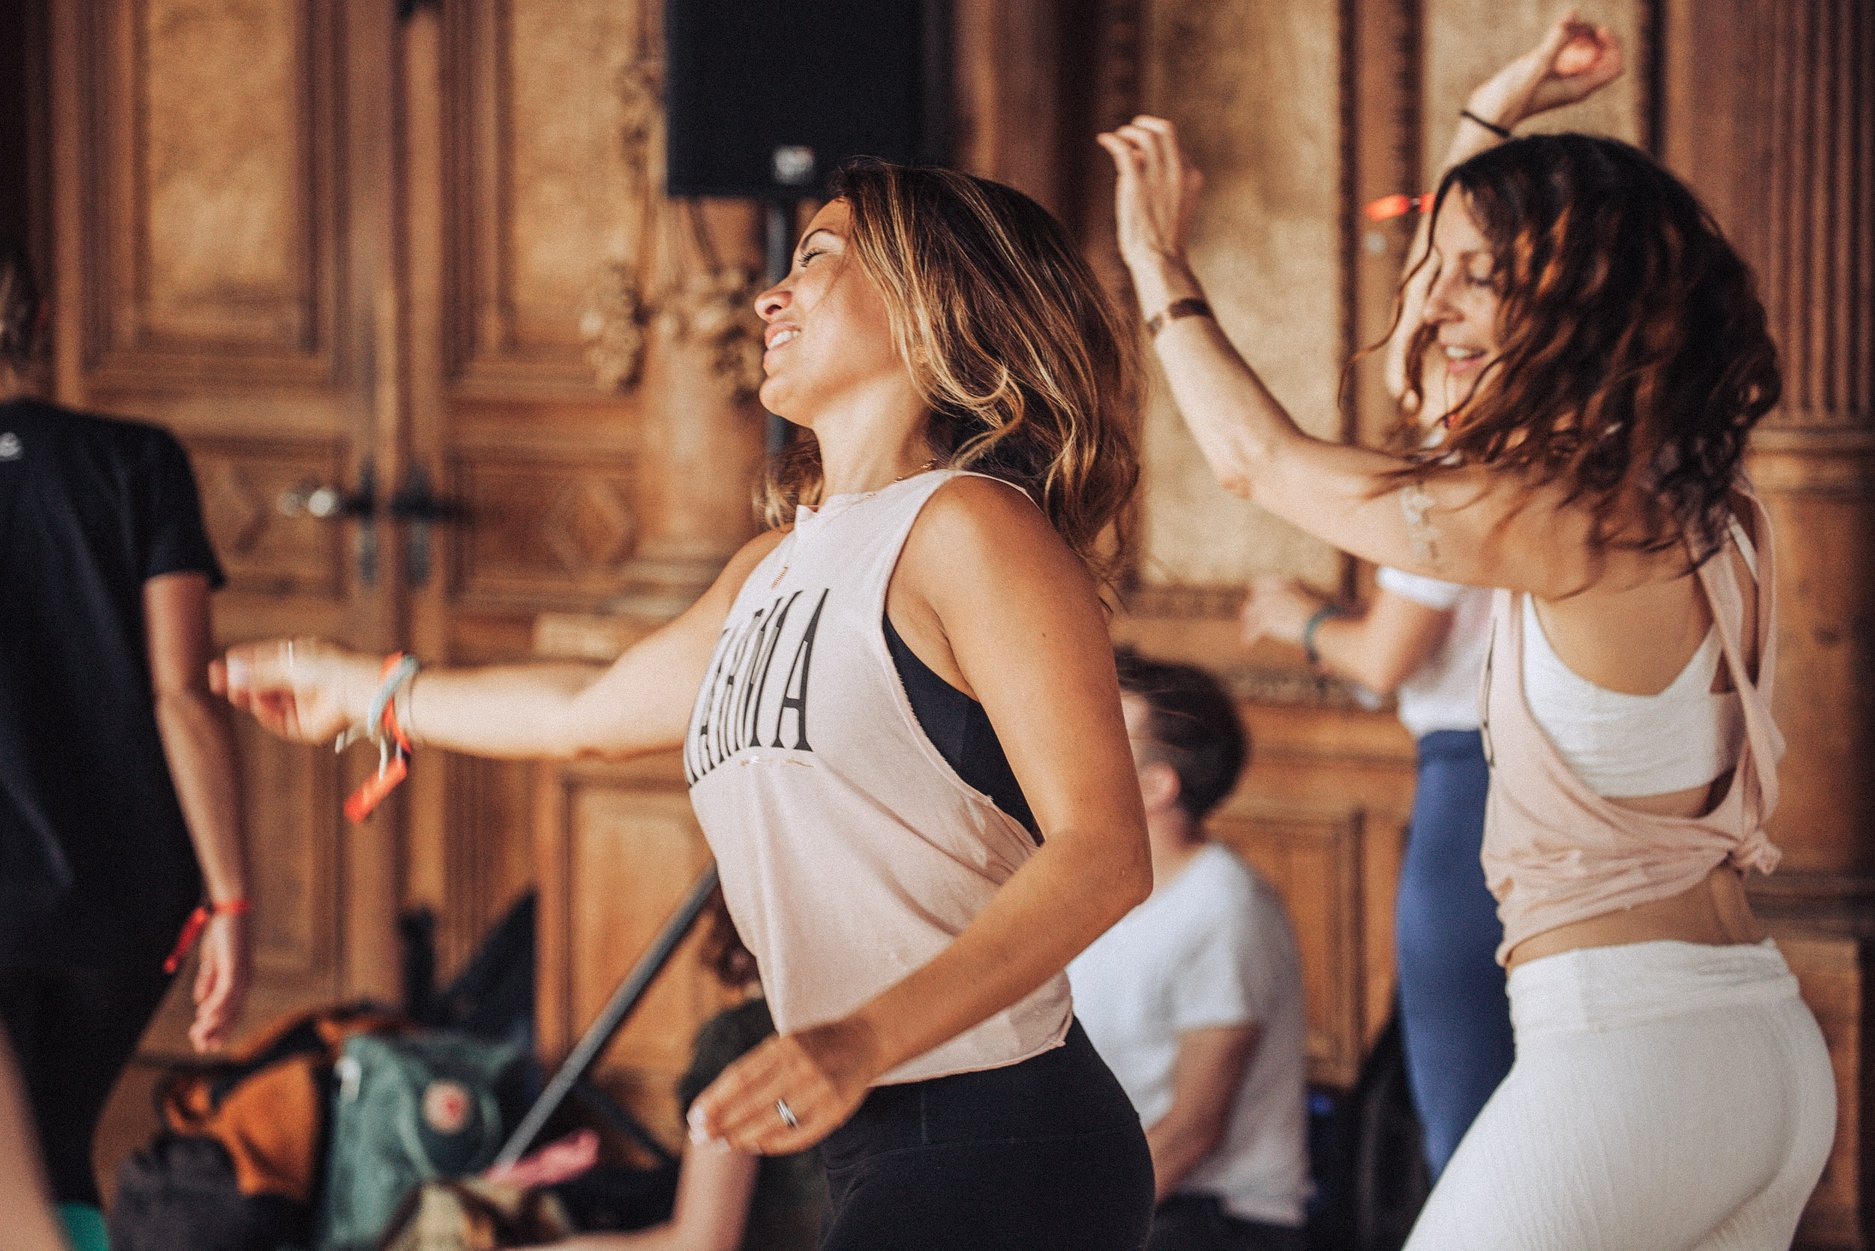 """YOGA TRANCE DANCE™ - wurde 1994 von Shiva Rea (www.shivarea.com)basierend auf ihrem """"Worlds Arts and Cultures Dance Movement Therapy"""" Studium an der UCLA California, als auch längeren Studienaufenthalten in indigenen Kulturen in Afrika, Indien, der Karibik und Bali ins Leben gerufen,wo sie sich tiefgreifend mit dem Thema """"Embodiment"""", Tanz, rituellen Bewegungen und Bewegungsmeditation verschiedener Kulturen auseinander setzte.Yoga Trance Dance™ ist eine kollektive atem-geführte Reise, die Elemente der Bewegungsmeditation als auch Sahaja Prana Yoga – dem spontanen, intuitiven entfalten von fliessenden, spiralförmigen Bewegungen, simplen Asanas sowie kraftvoll-ekstatischen Tanz beinhaltet"""